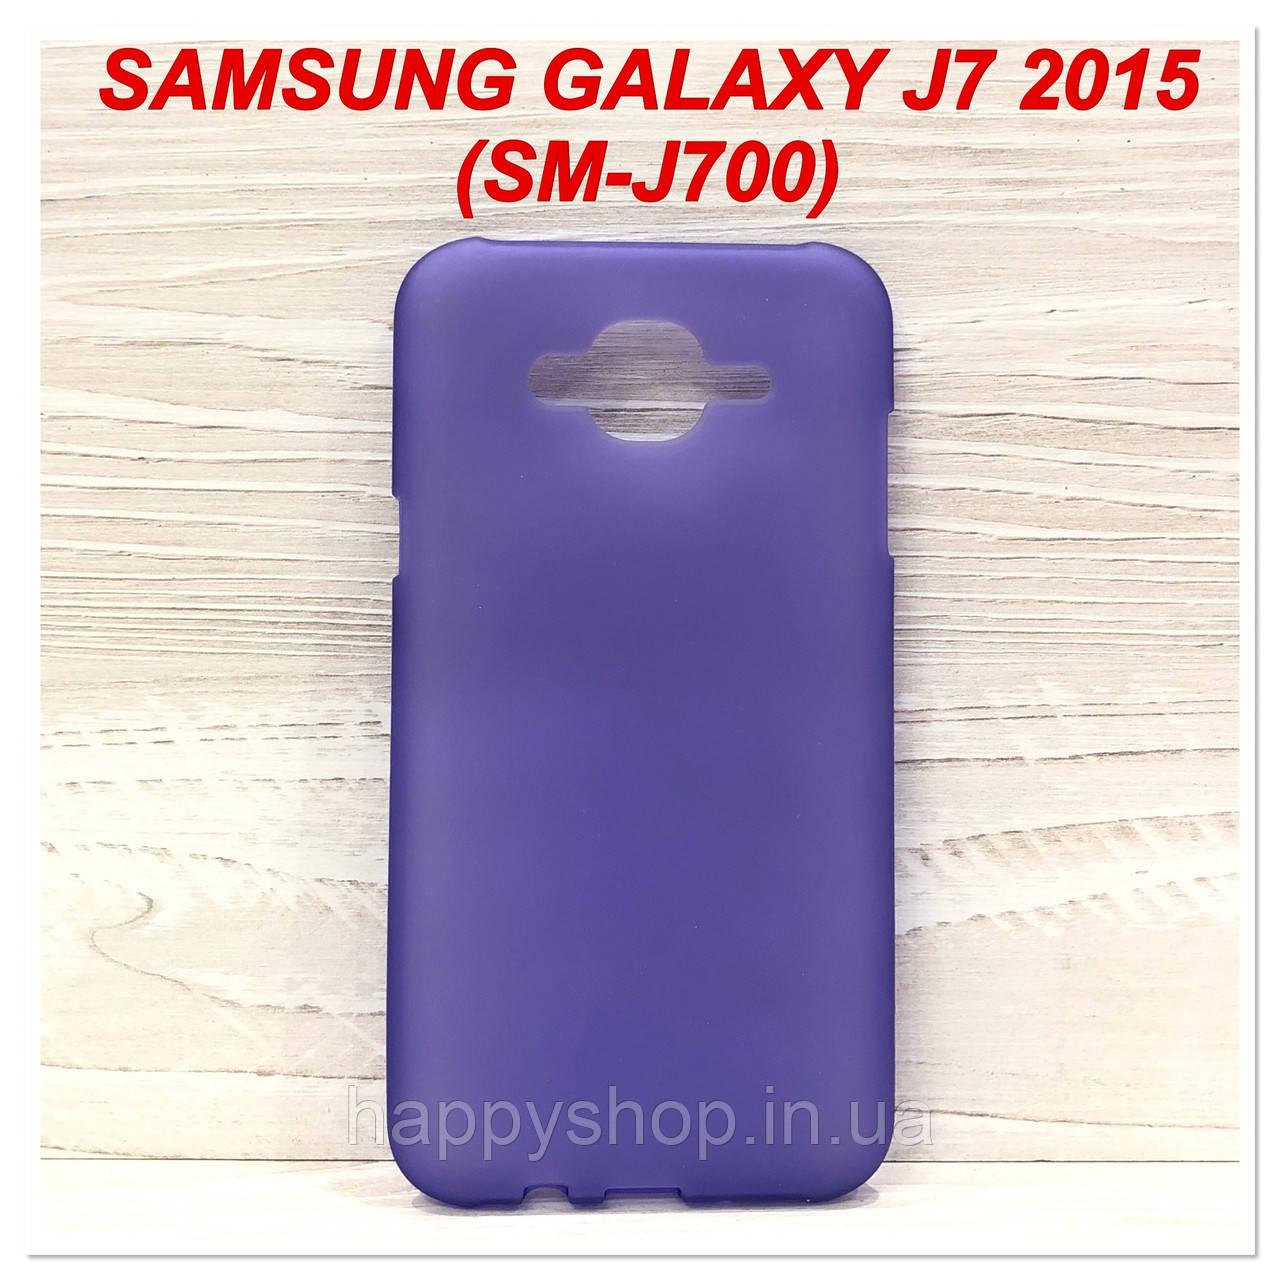 Силиконовый чехол для Samsung Galaxy J7 2015 (SM-J700) Фиолетовый